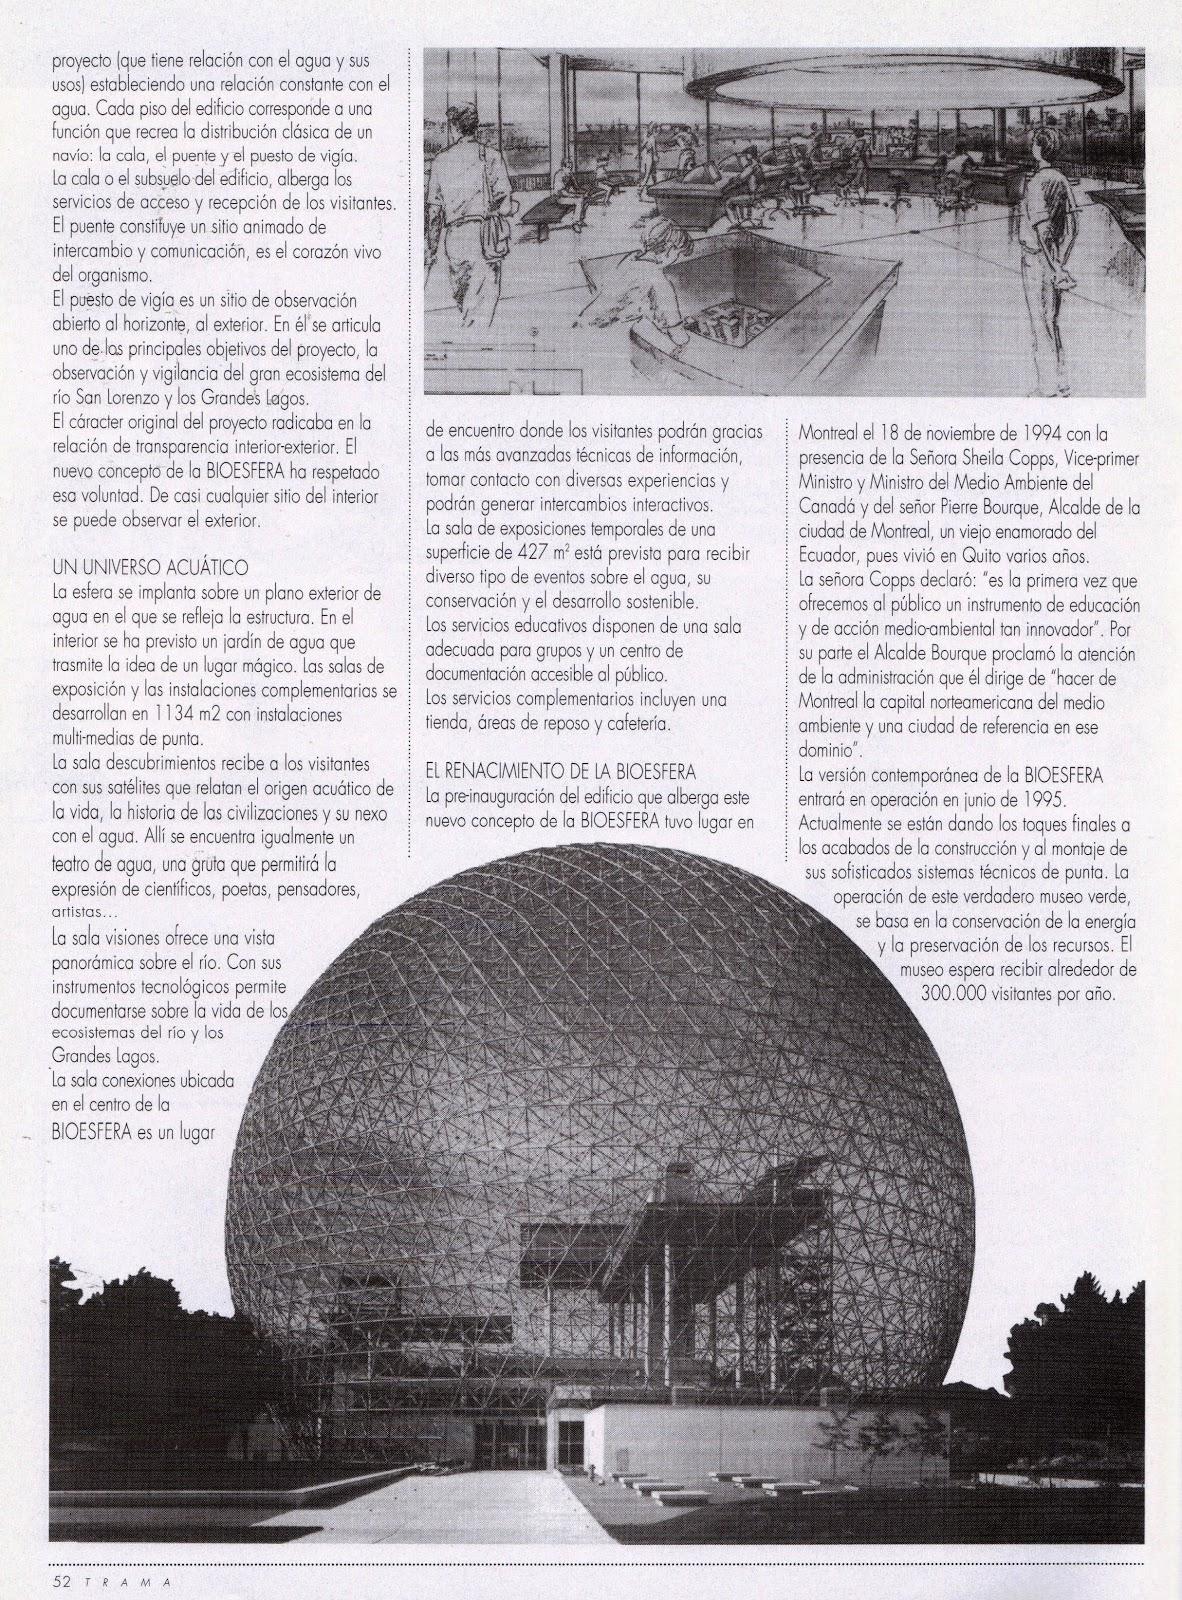 Mario Vásconez: Canadá 2: La Biosfera de Montreal, nueva vida para ...